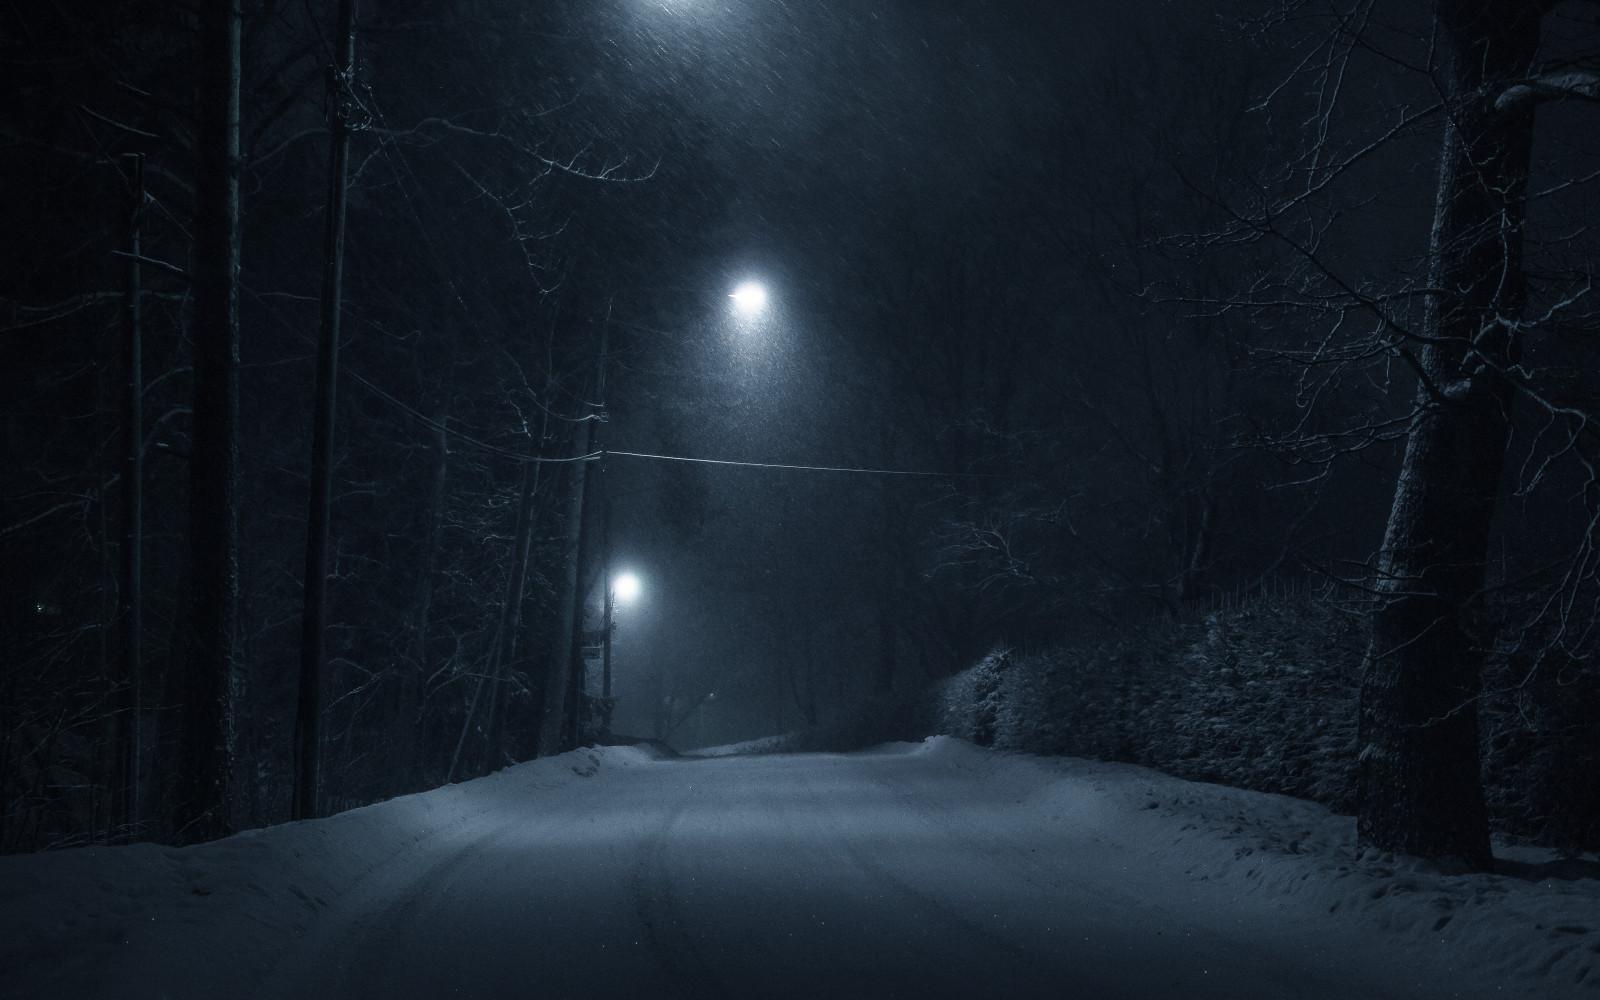 время фото лес зима полночь отчислили достаточно быстро